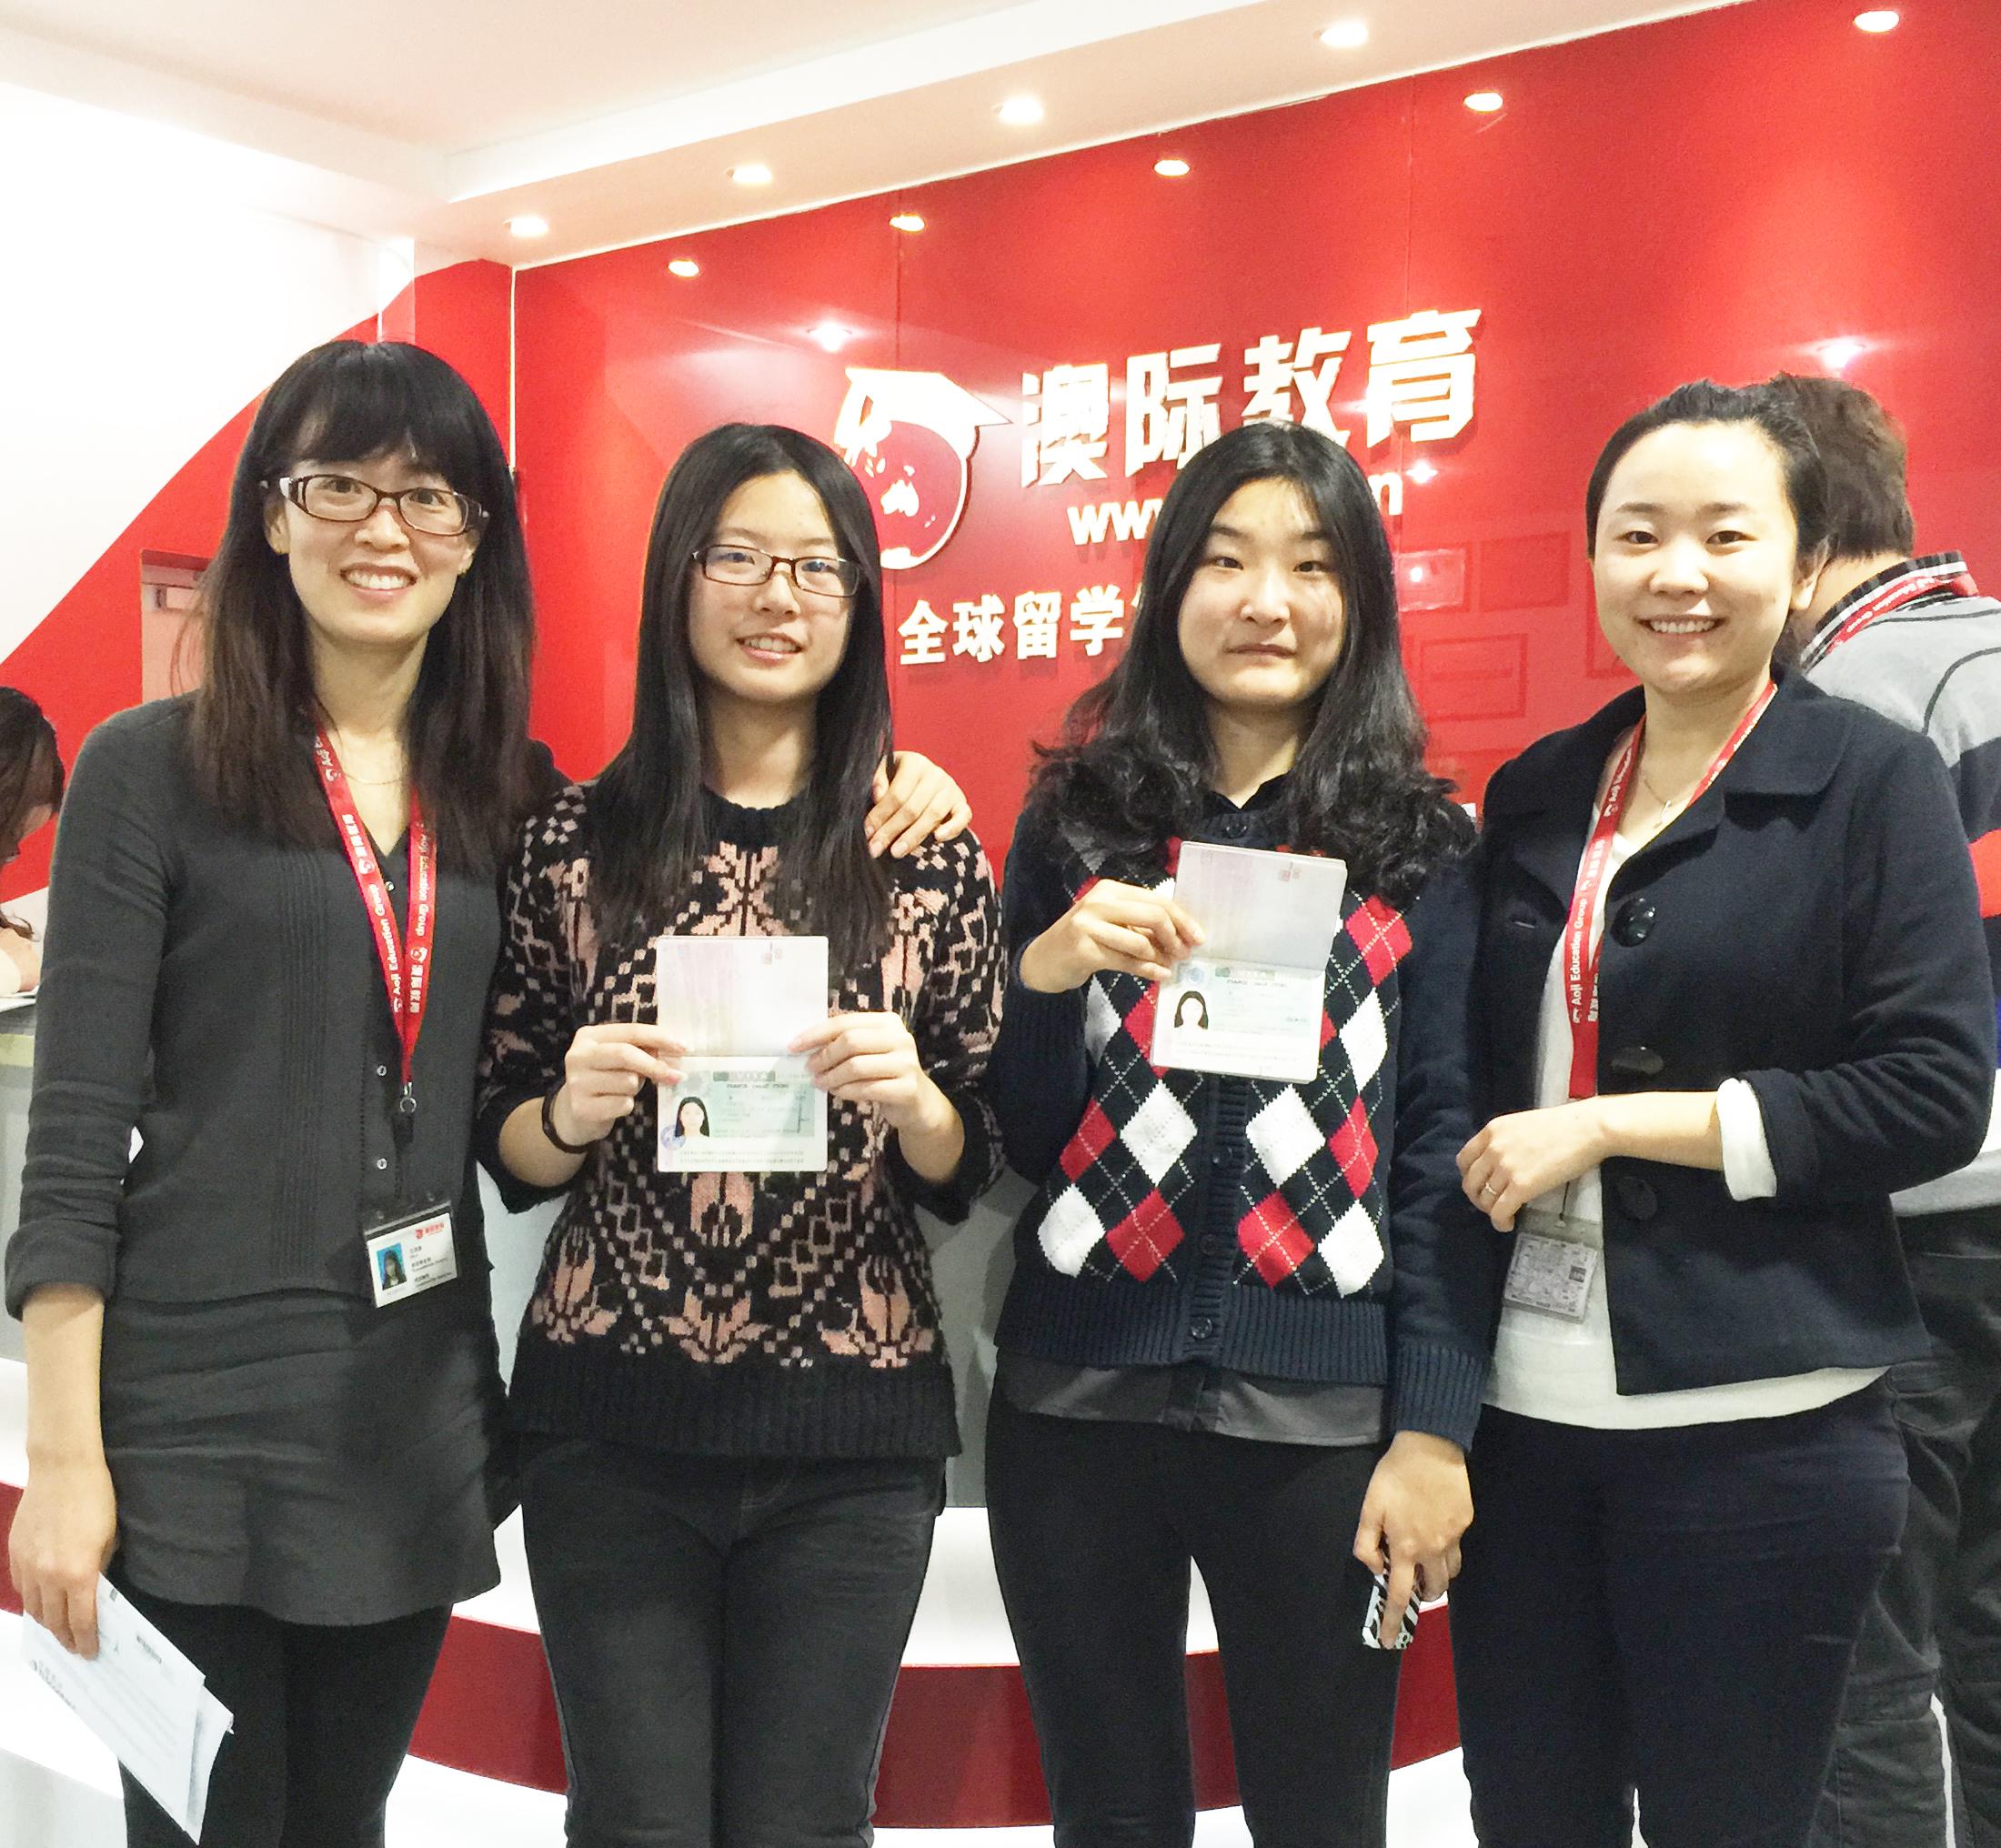 依次为:文案老师王华荣,张媛同学,郑思雨同学,赵希茜老师